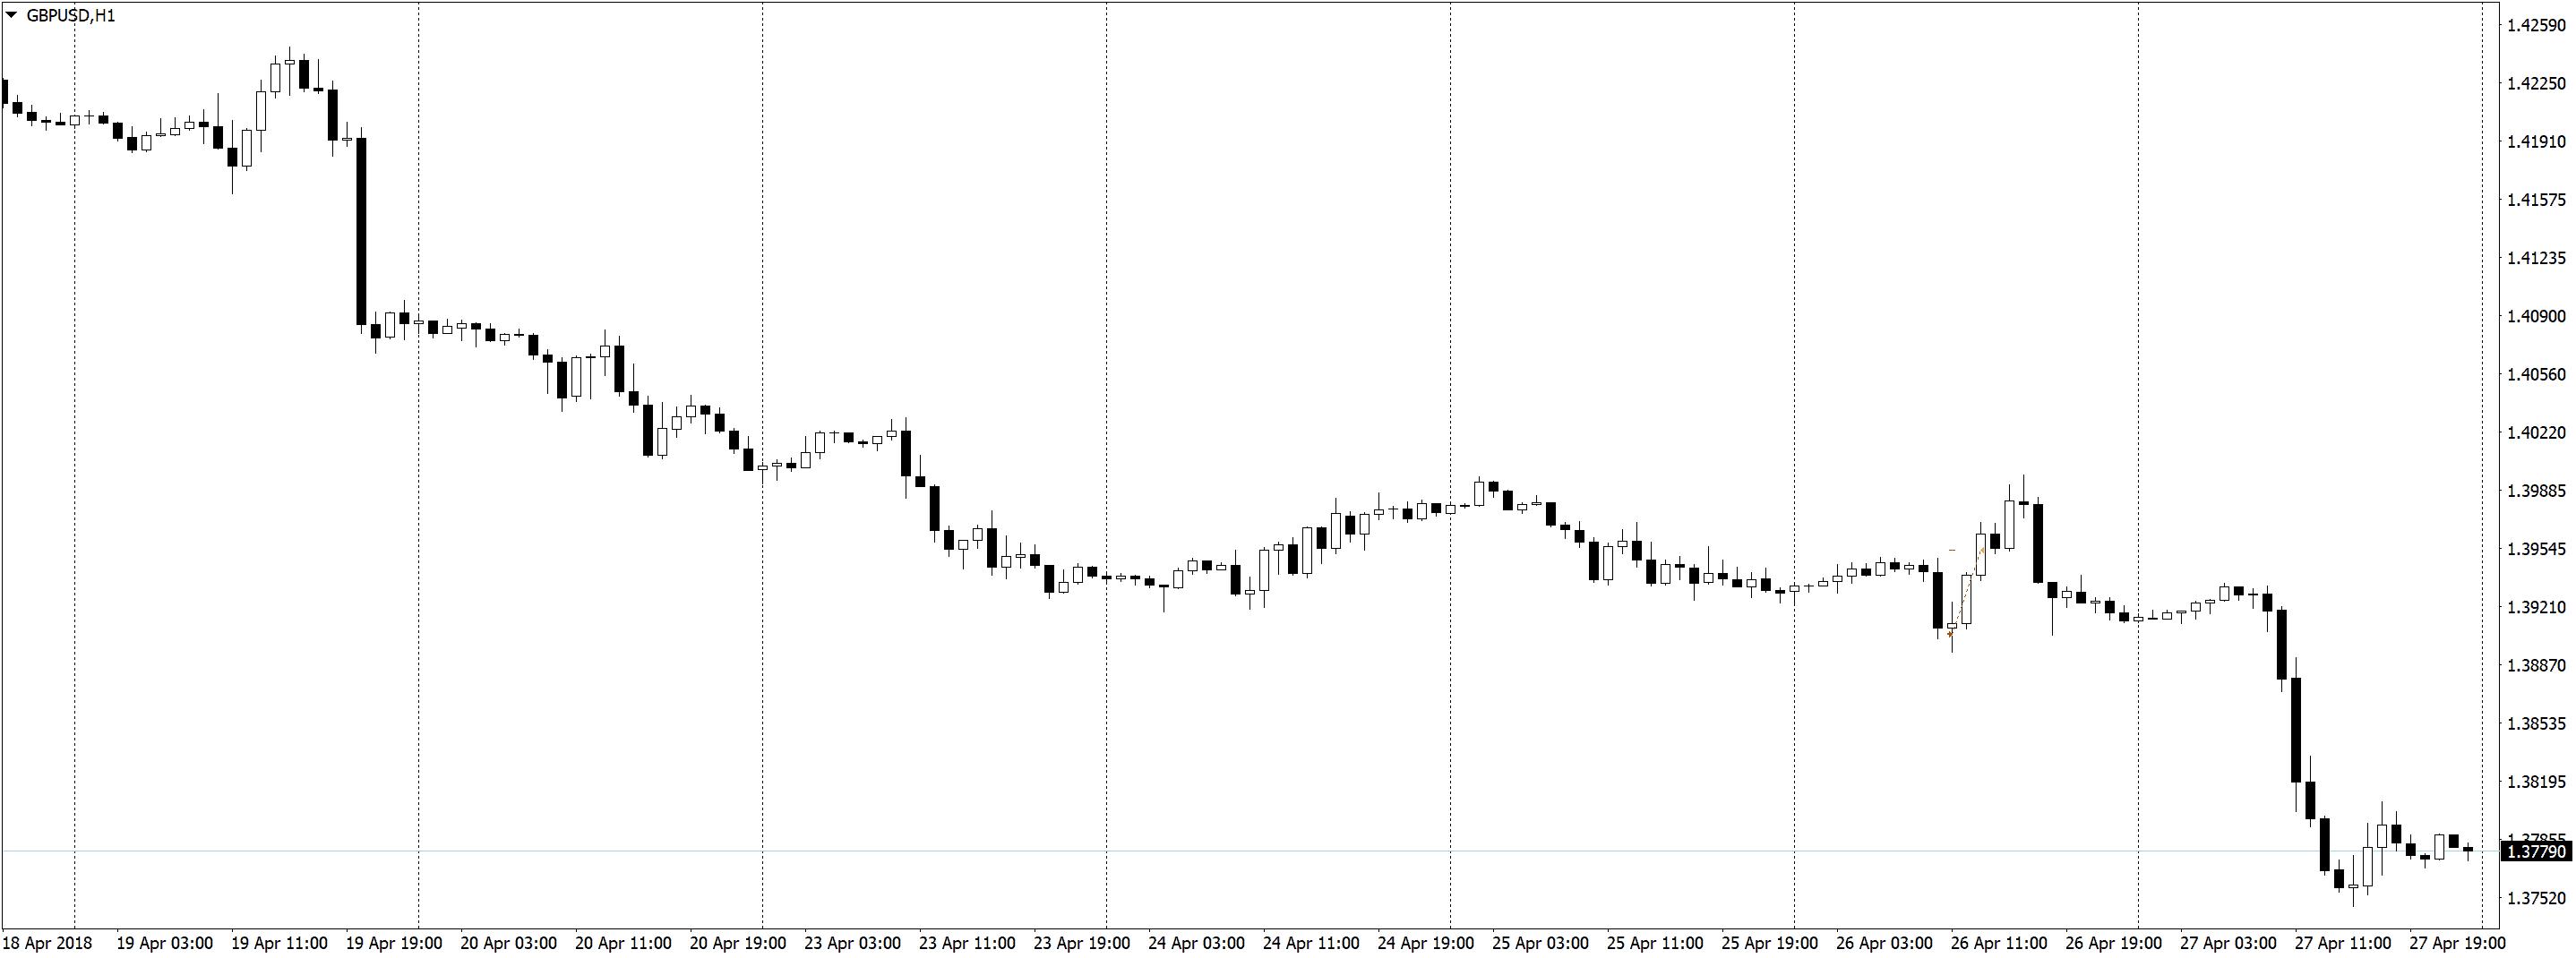 GBPUSDH1 2 1 Трейдинг по часовым графикам, немного сделок, спокойная торговля